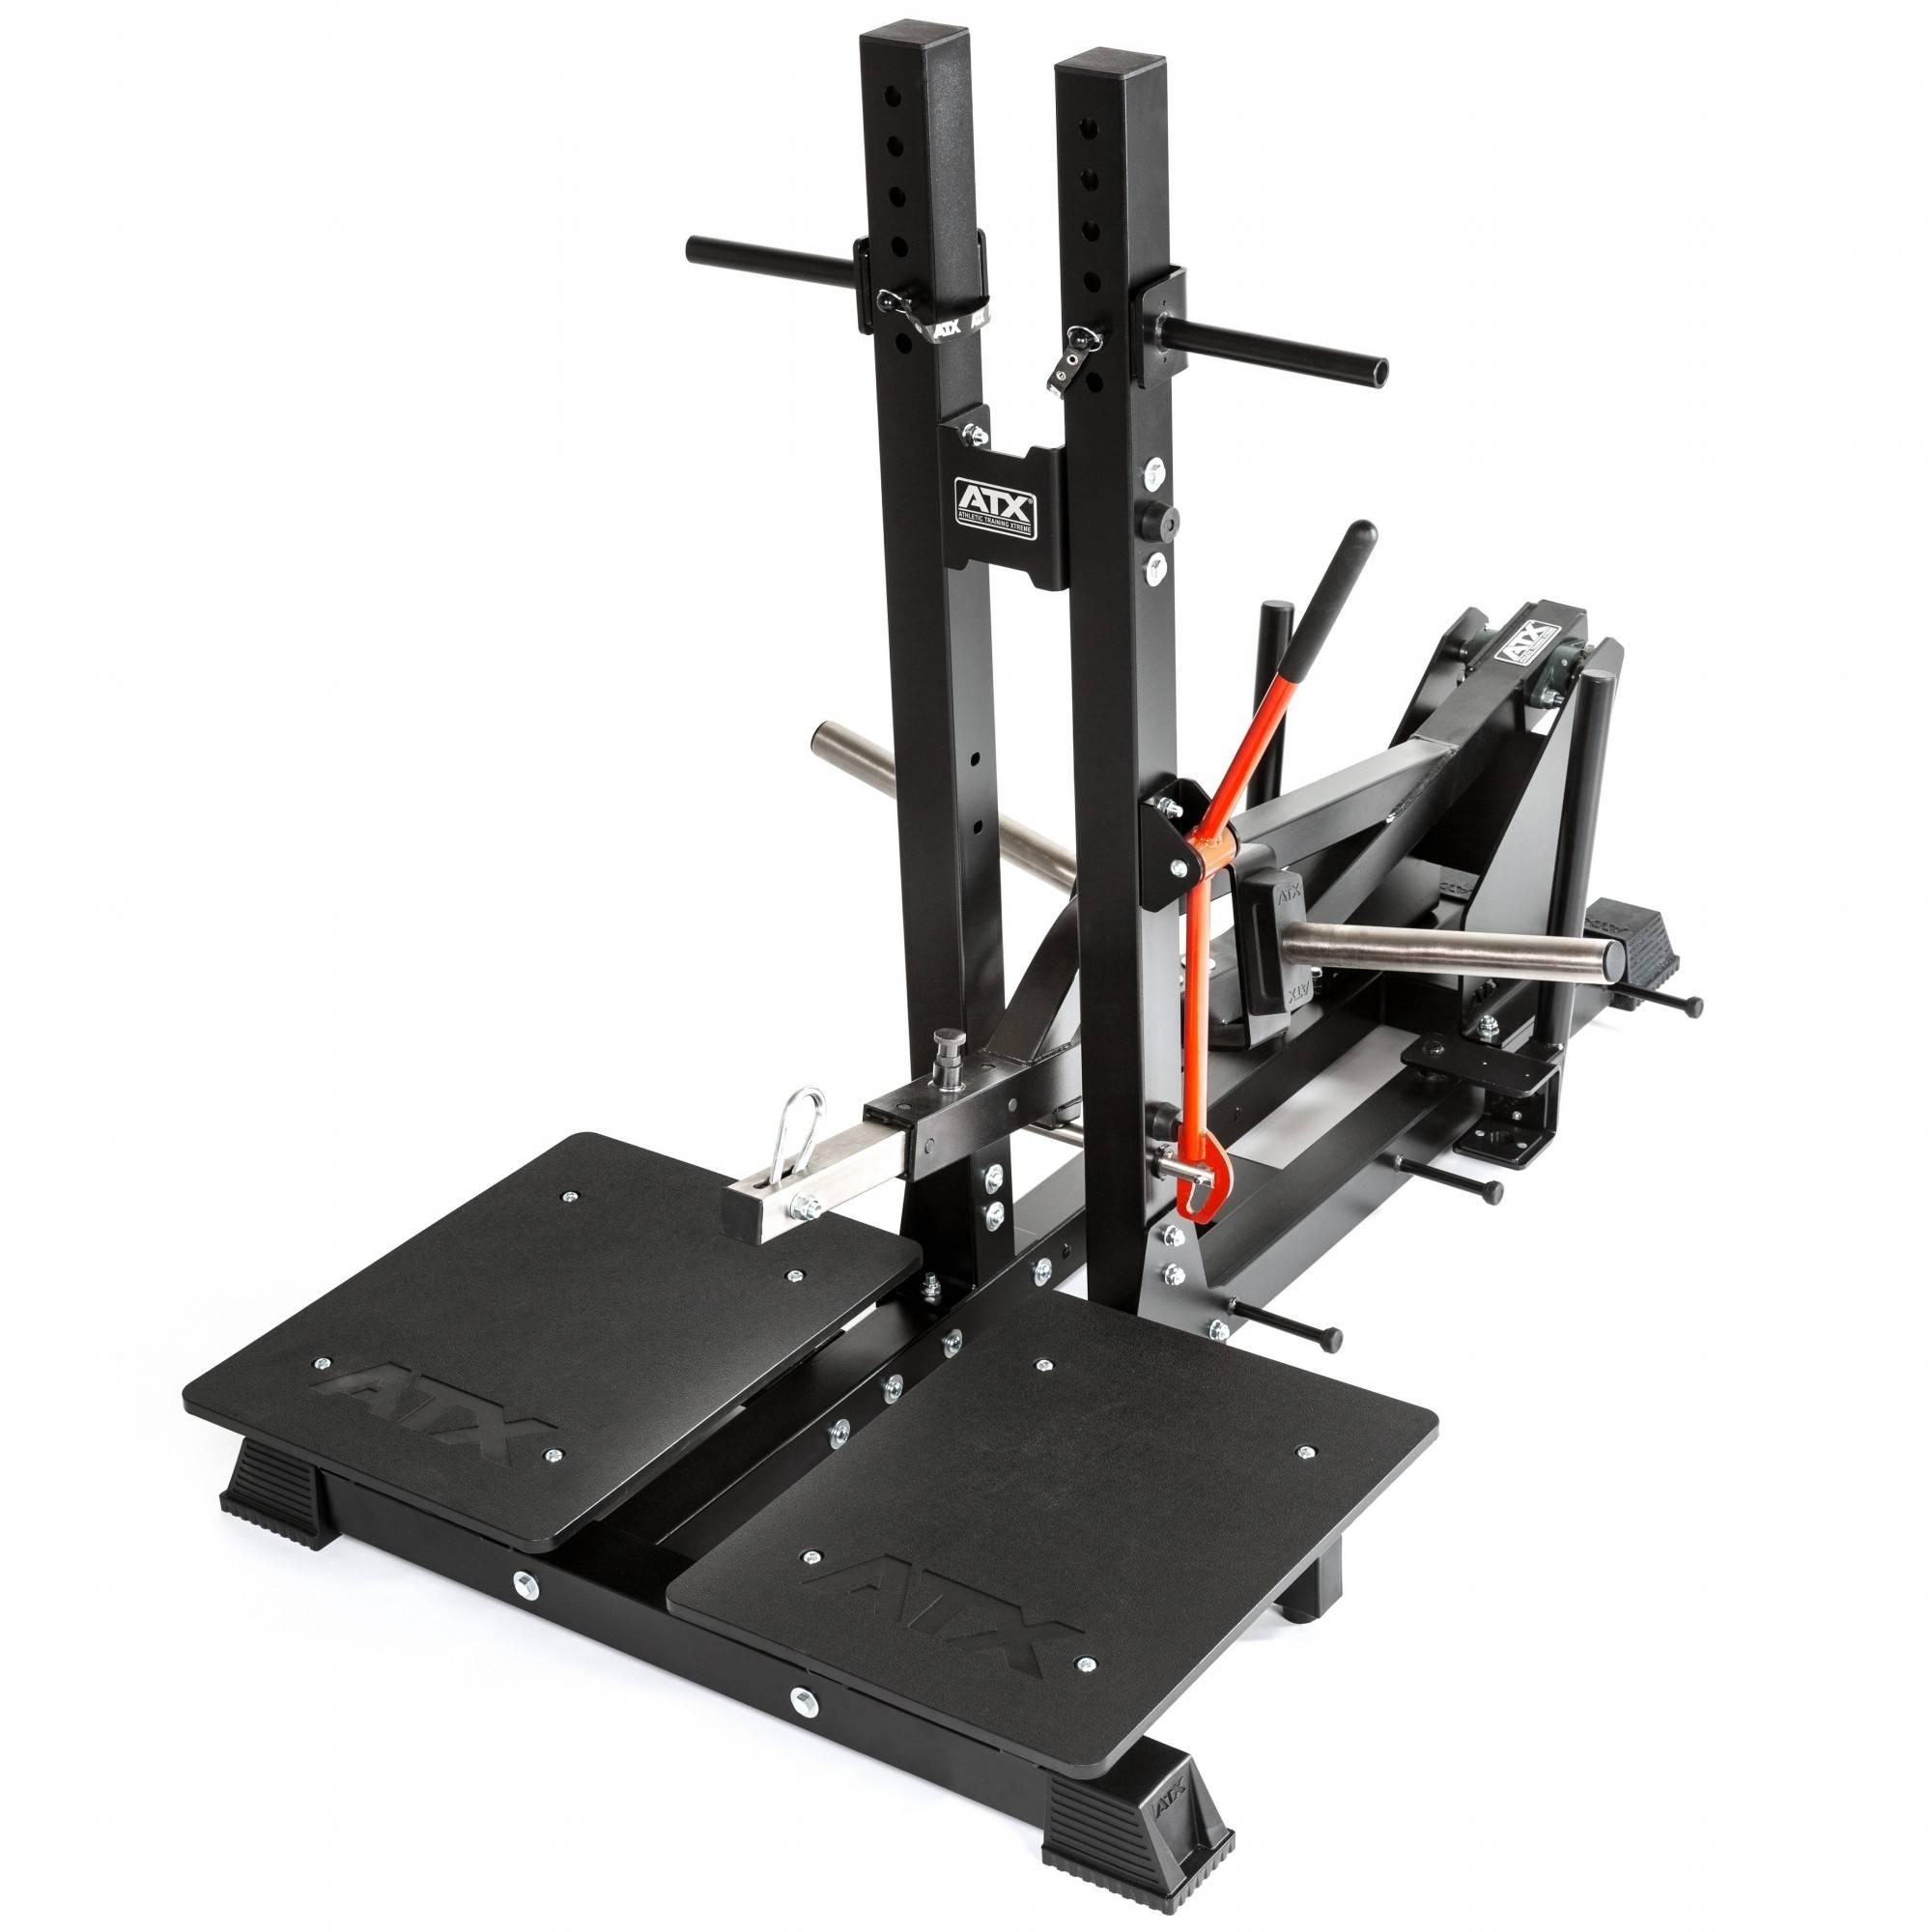 Stanowisko treningowe przysiady & dipping ATX® Belt Squat Machine,producent: ATX, zdjecie photo: 1 | klubfitness.pl | sprzęt spo